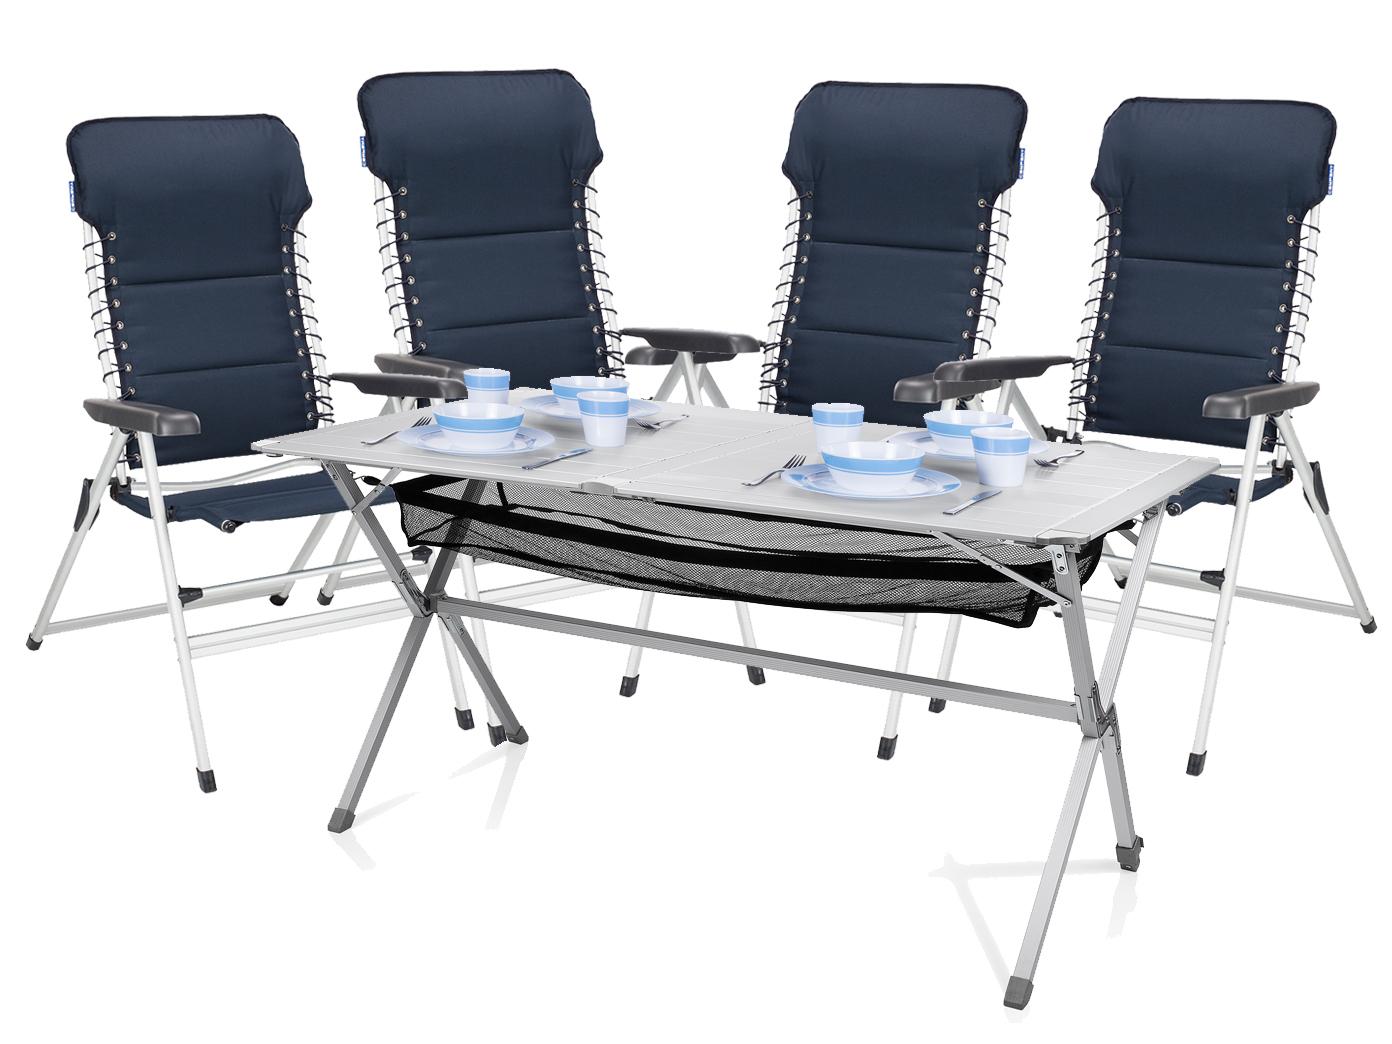 Camping SET Alu Campingtisch groß mit Stühlen Rolltisch Tisch und ...